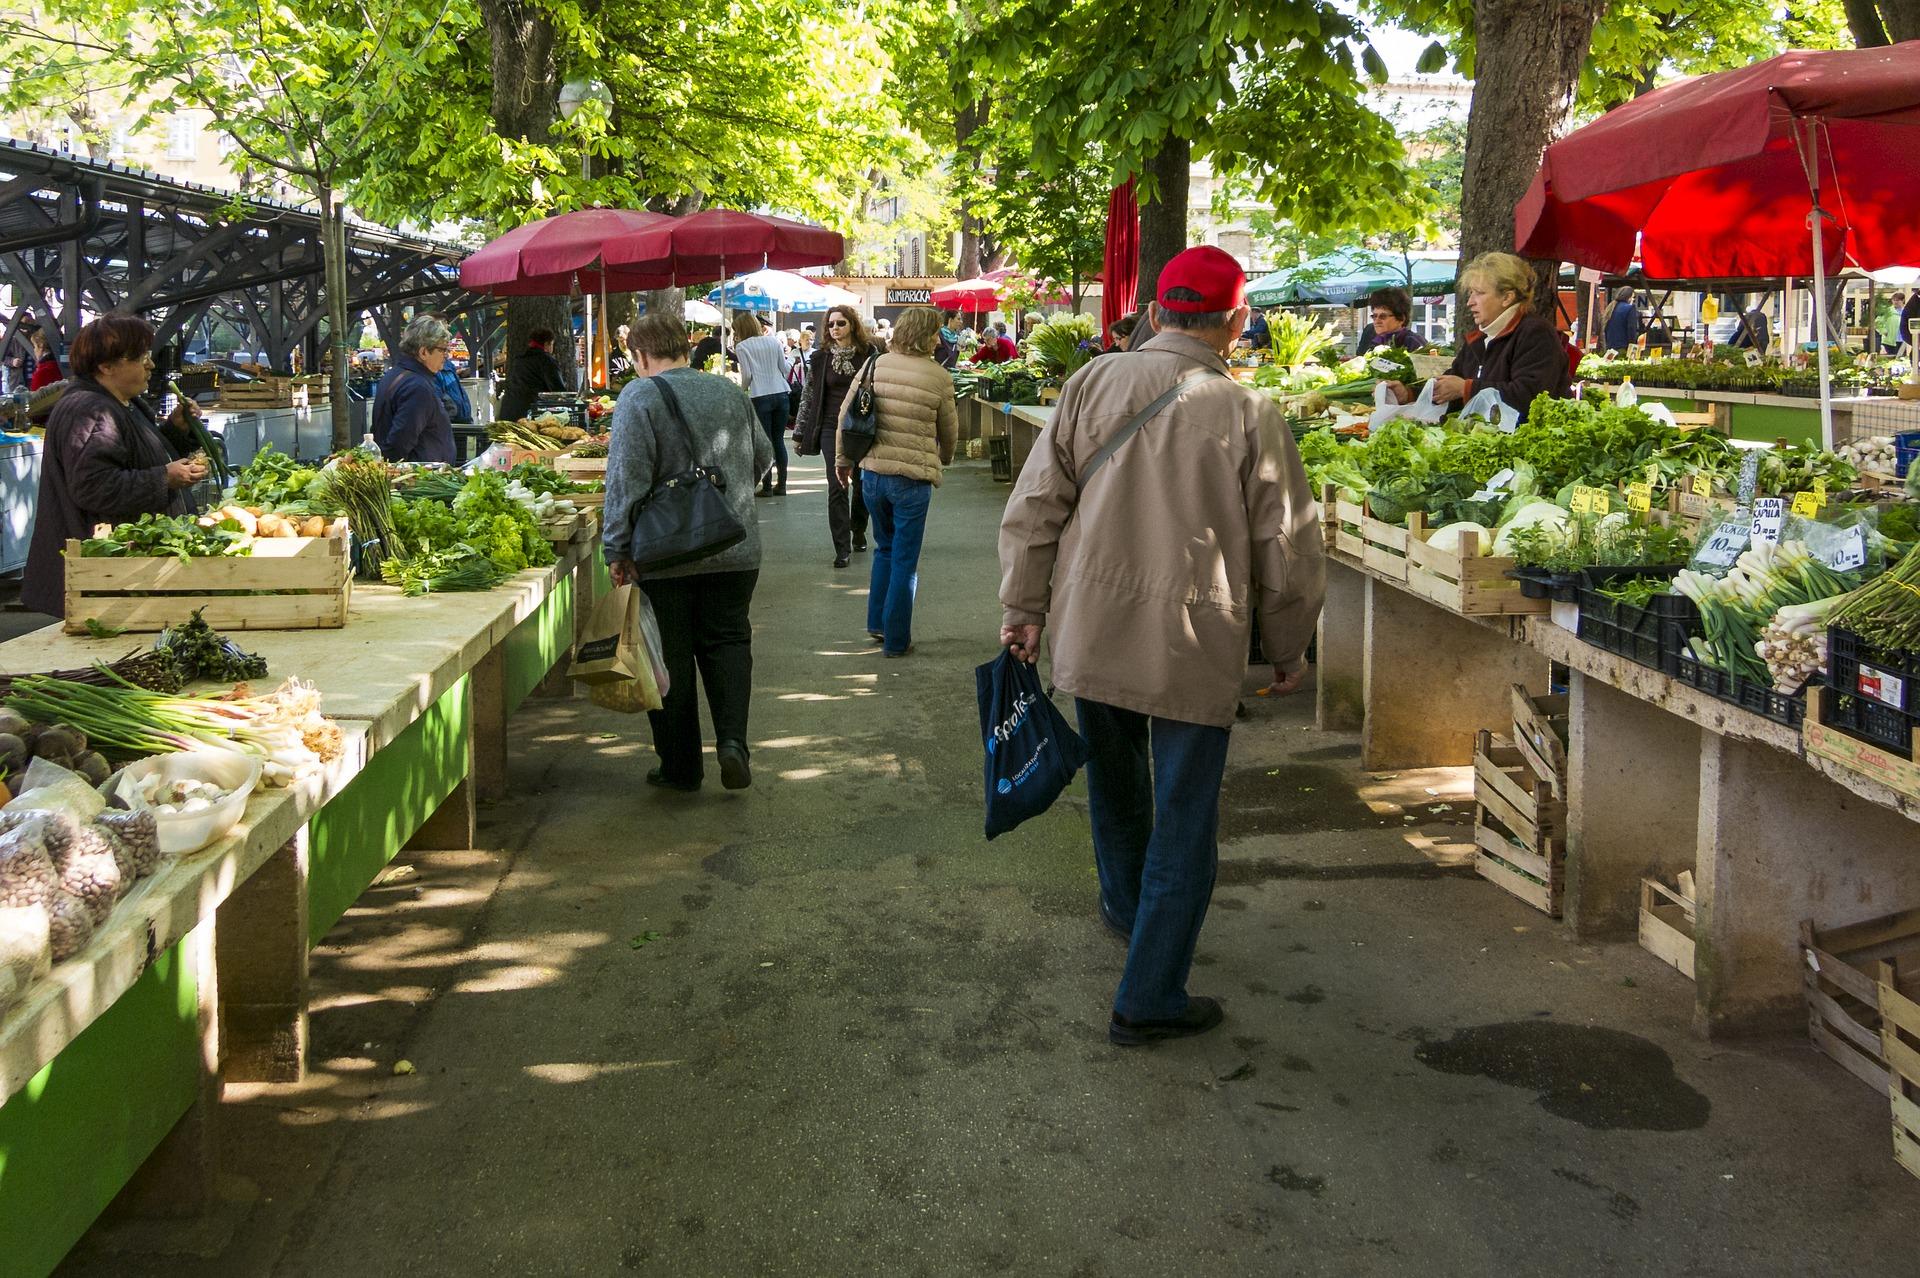 Sumber :https://pixabay.com/id/photos/pasar-pasar-sayur-pasar-petani-lokal-1558658/